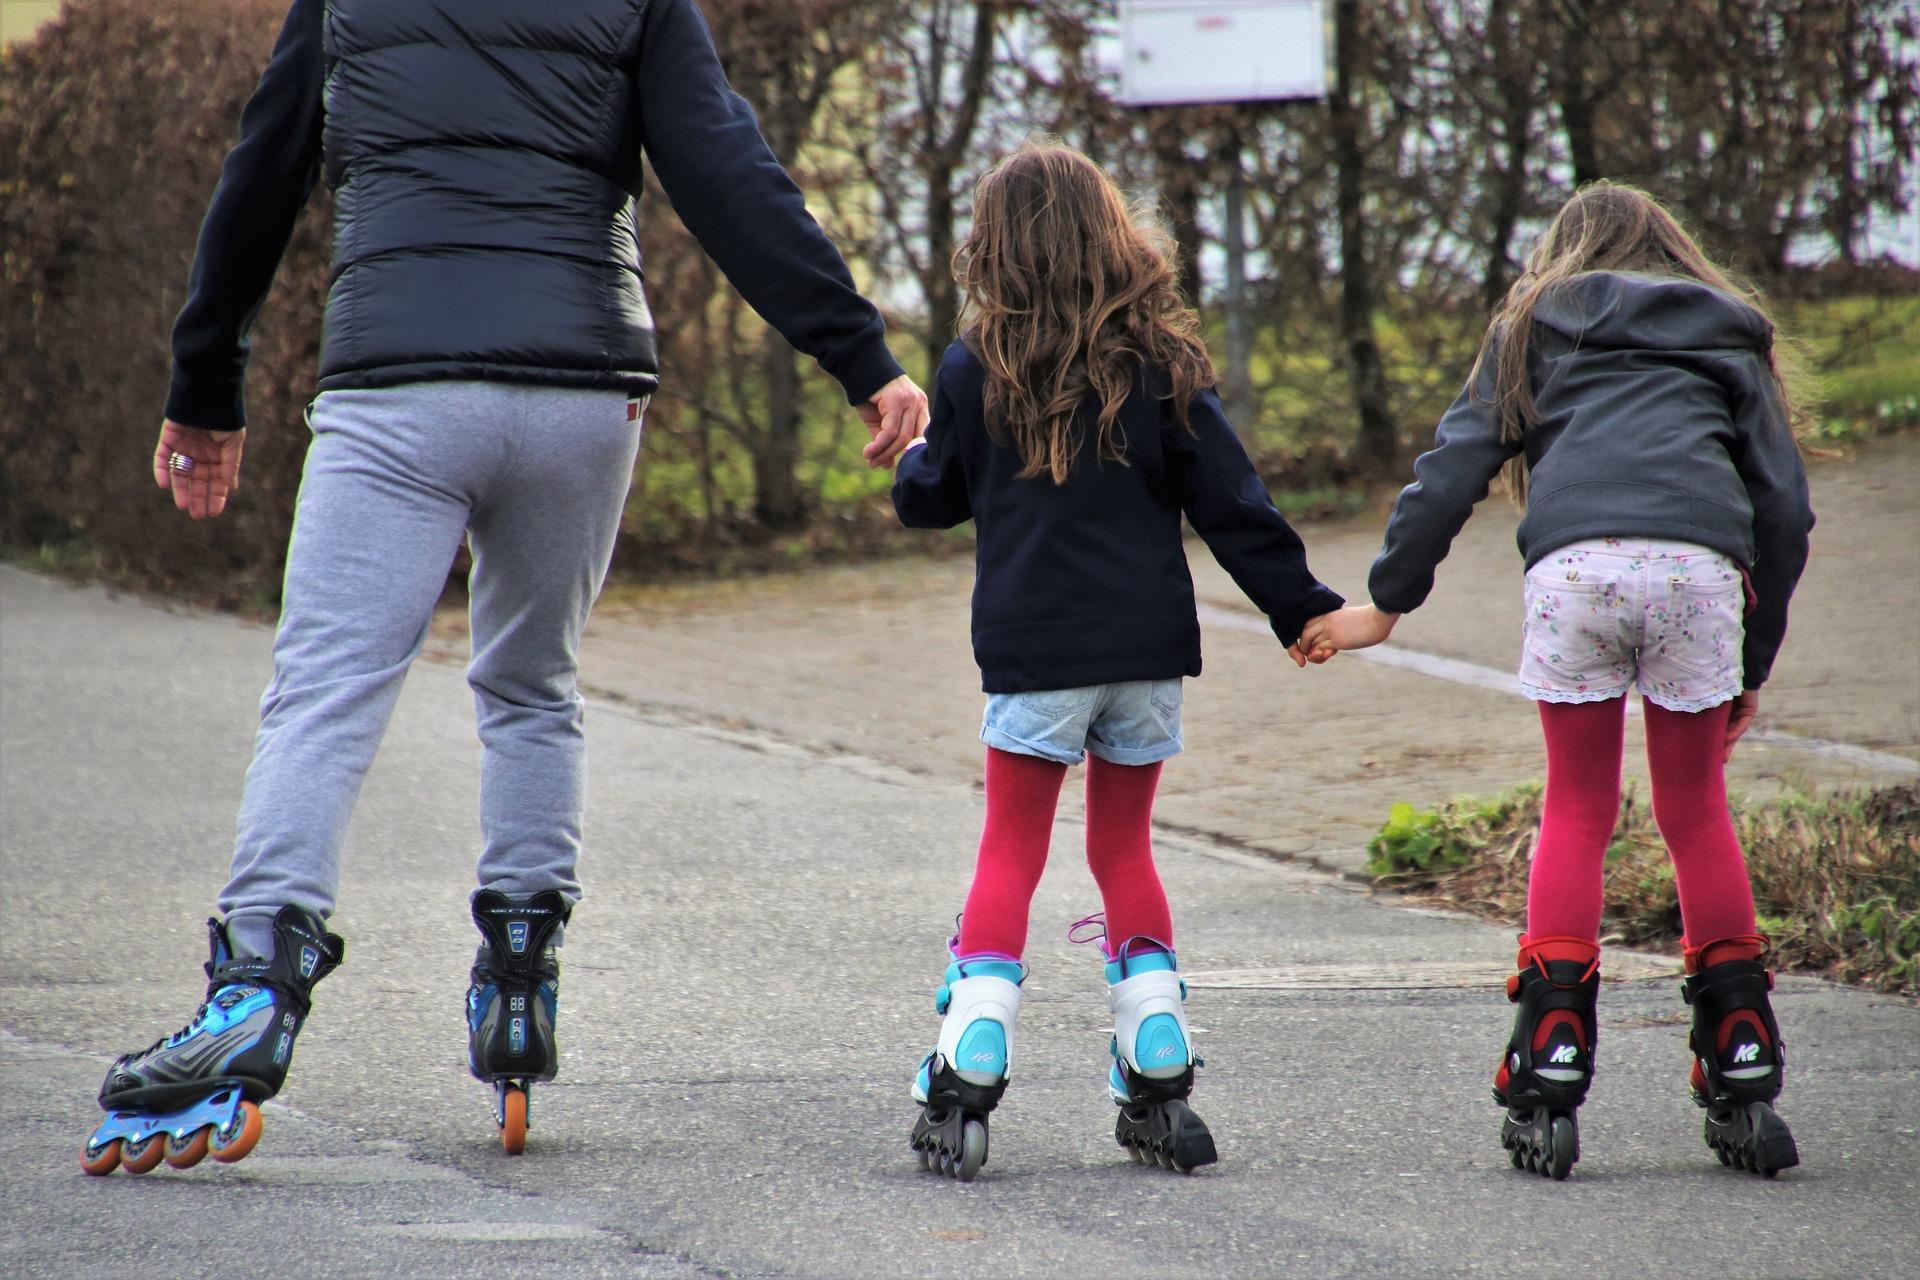 mężczyzna na rolkach z dwiema dziewczynkami, widać ich tyłem